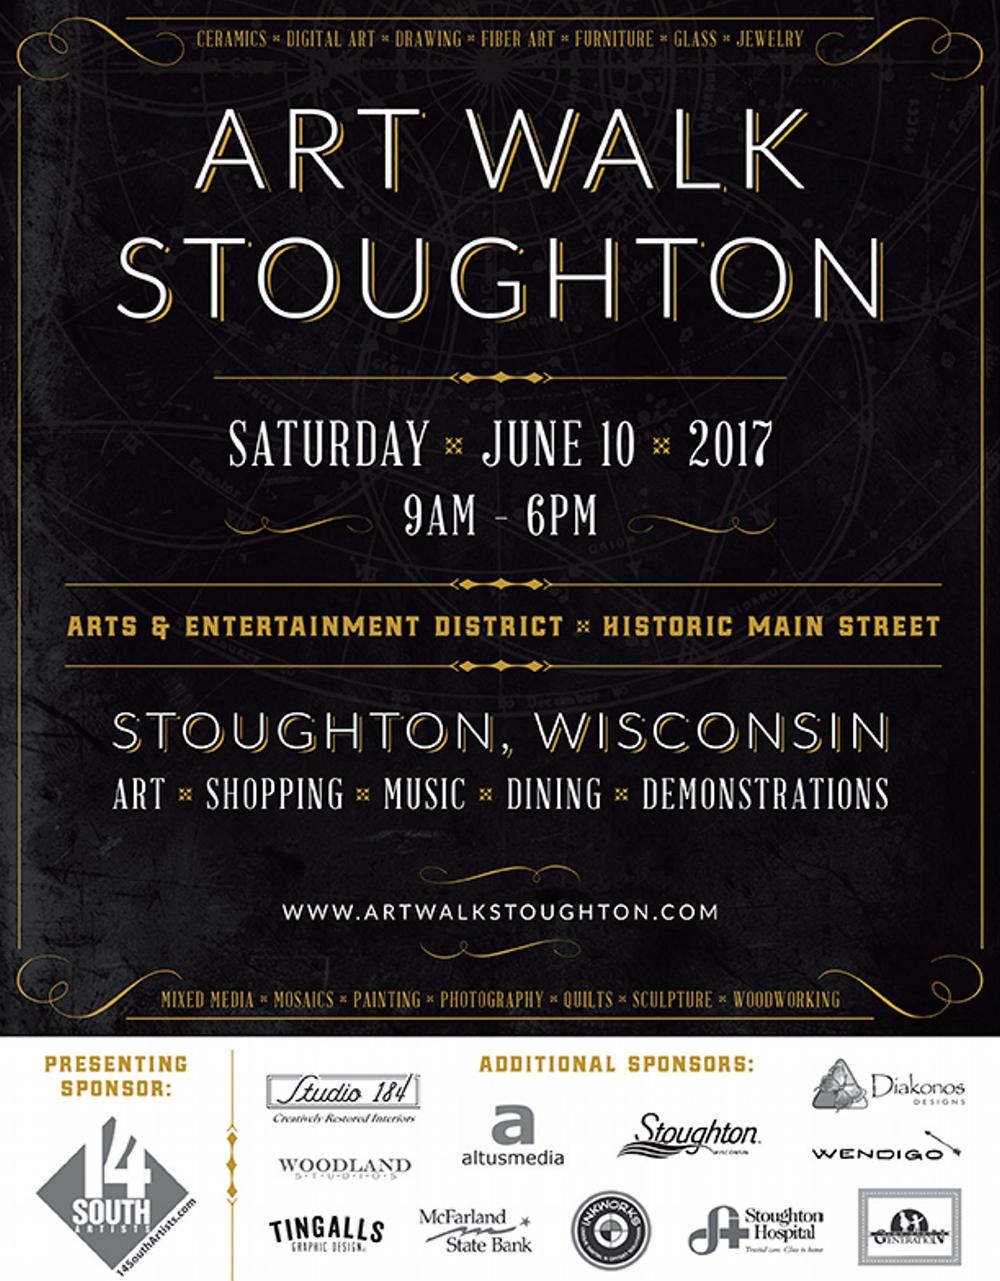 Stoughton_Artwalk_Flyer